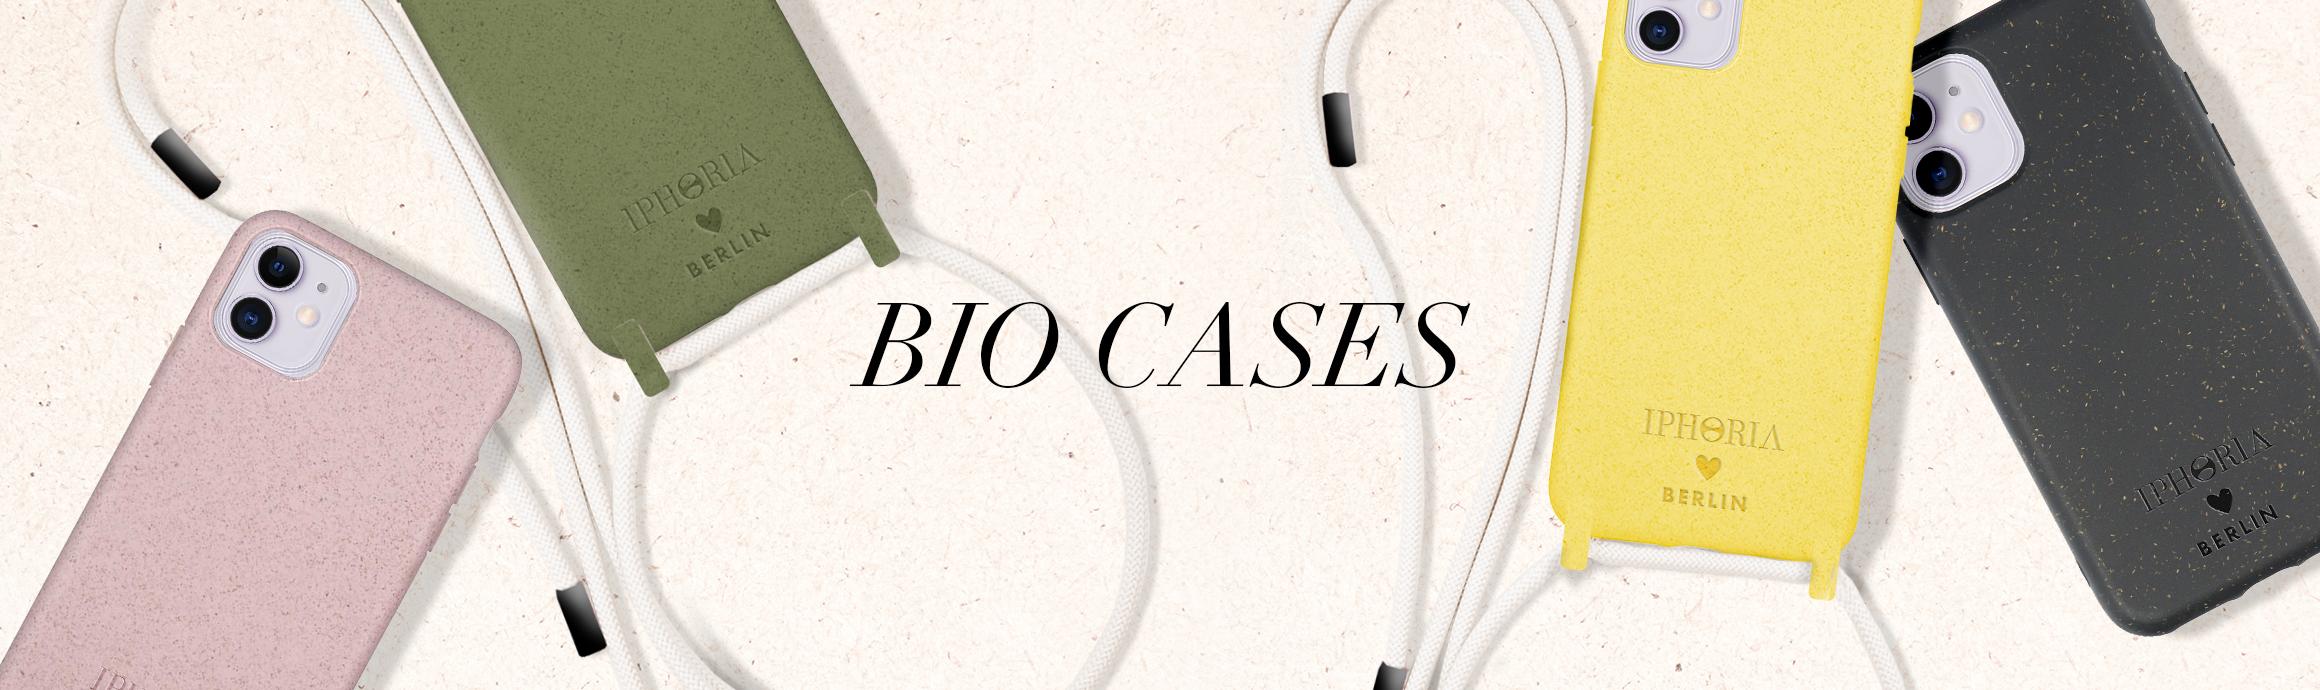 Bio Cases